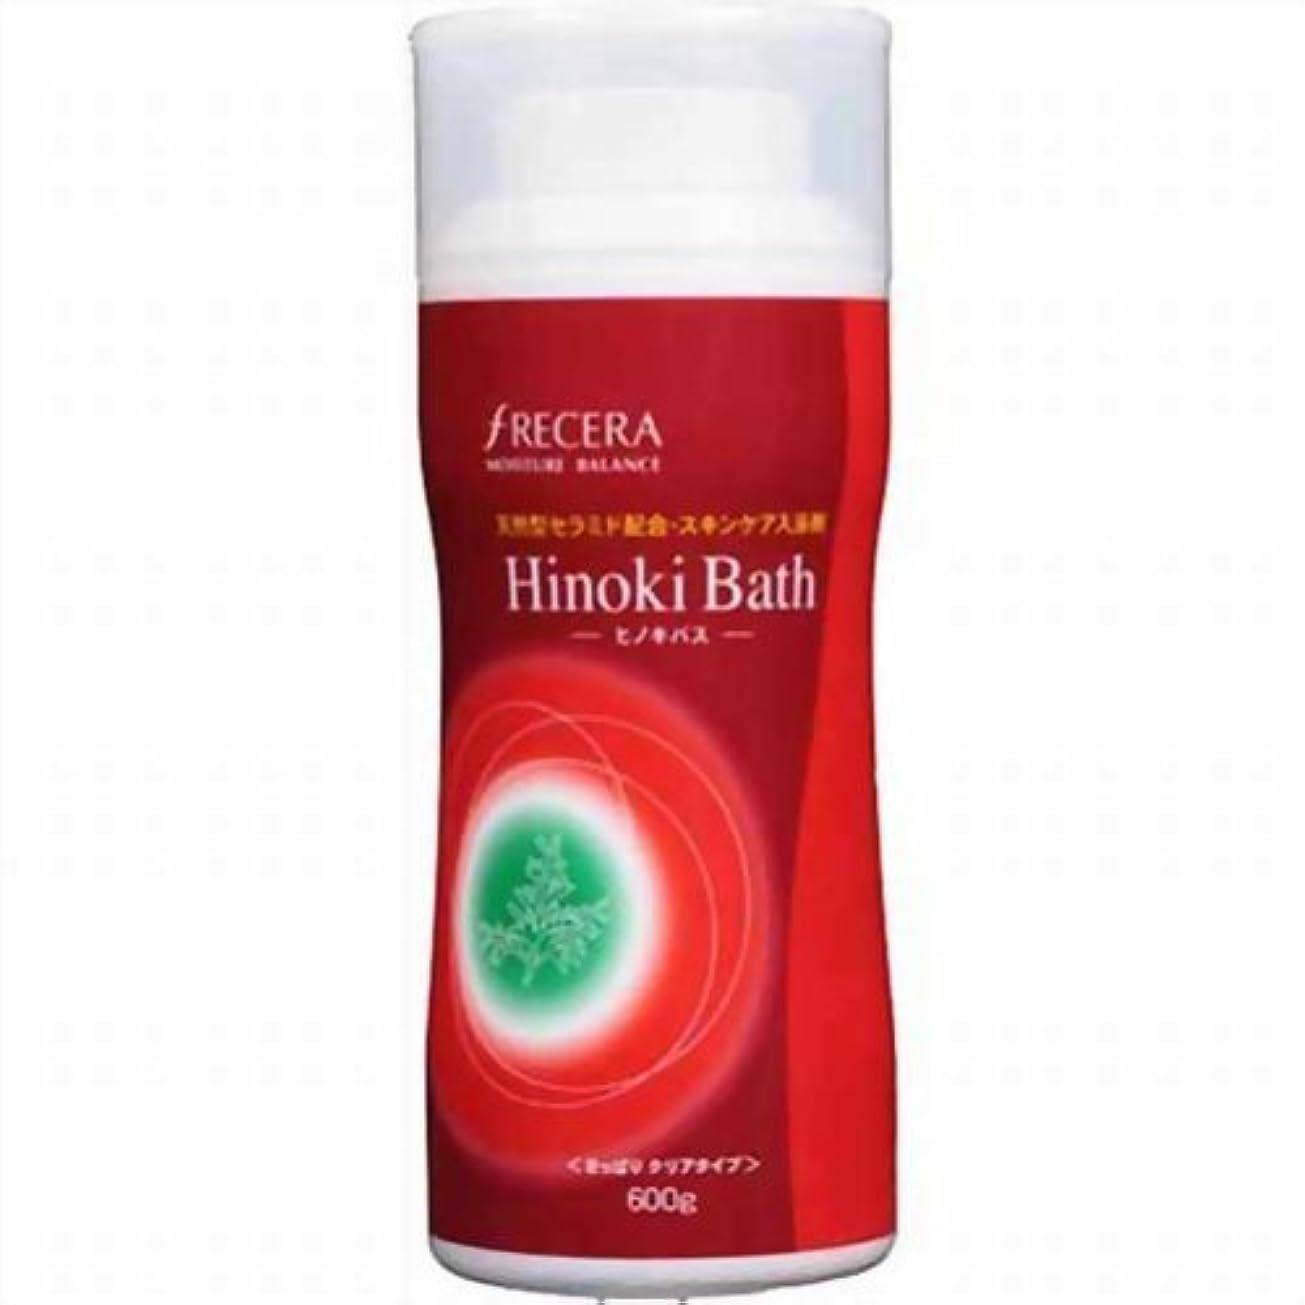 塊ラッシュイベントフレッセラ セラミド入浴剤 ヒノキバス 600g